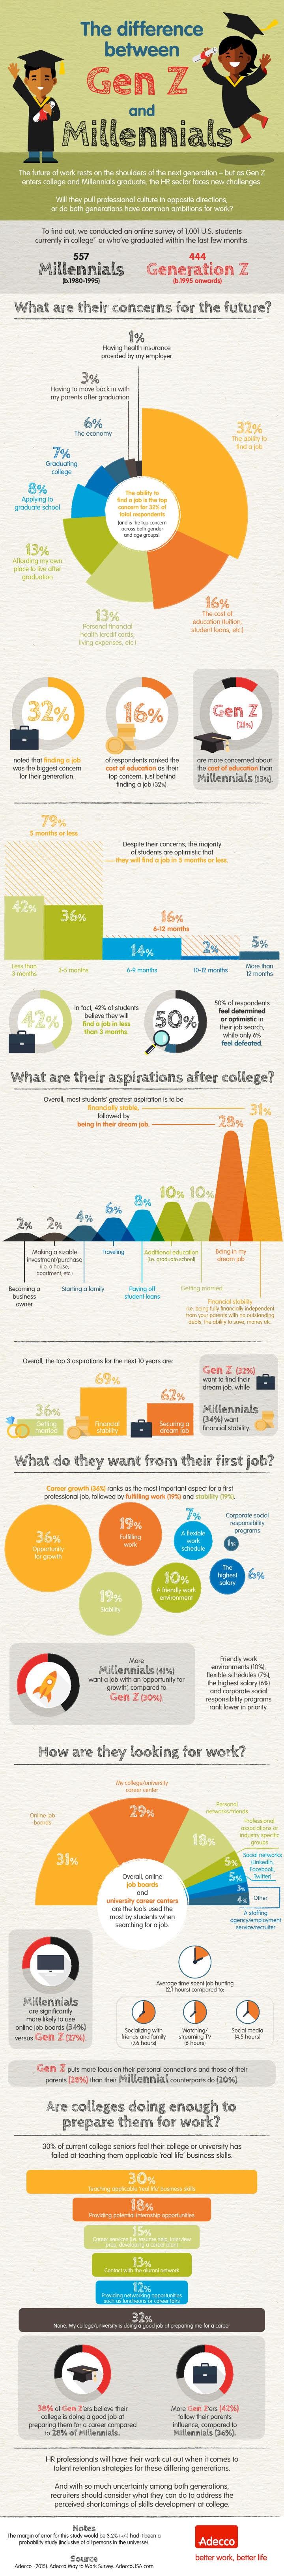 GenZ vs Millennials Infographic